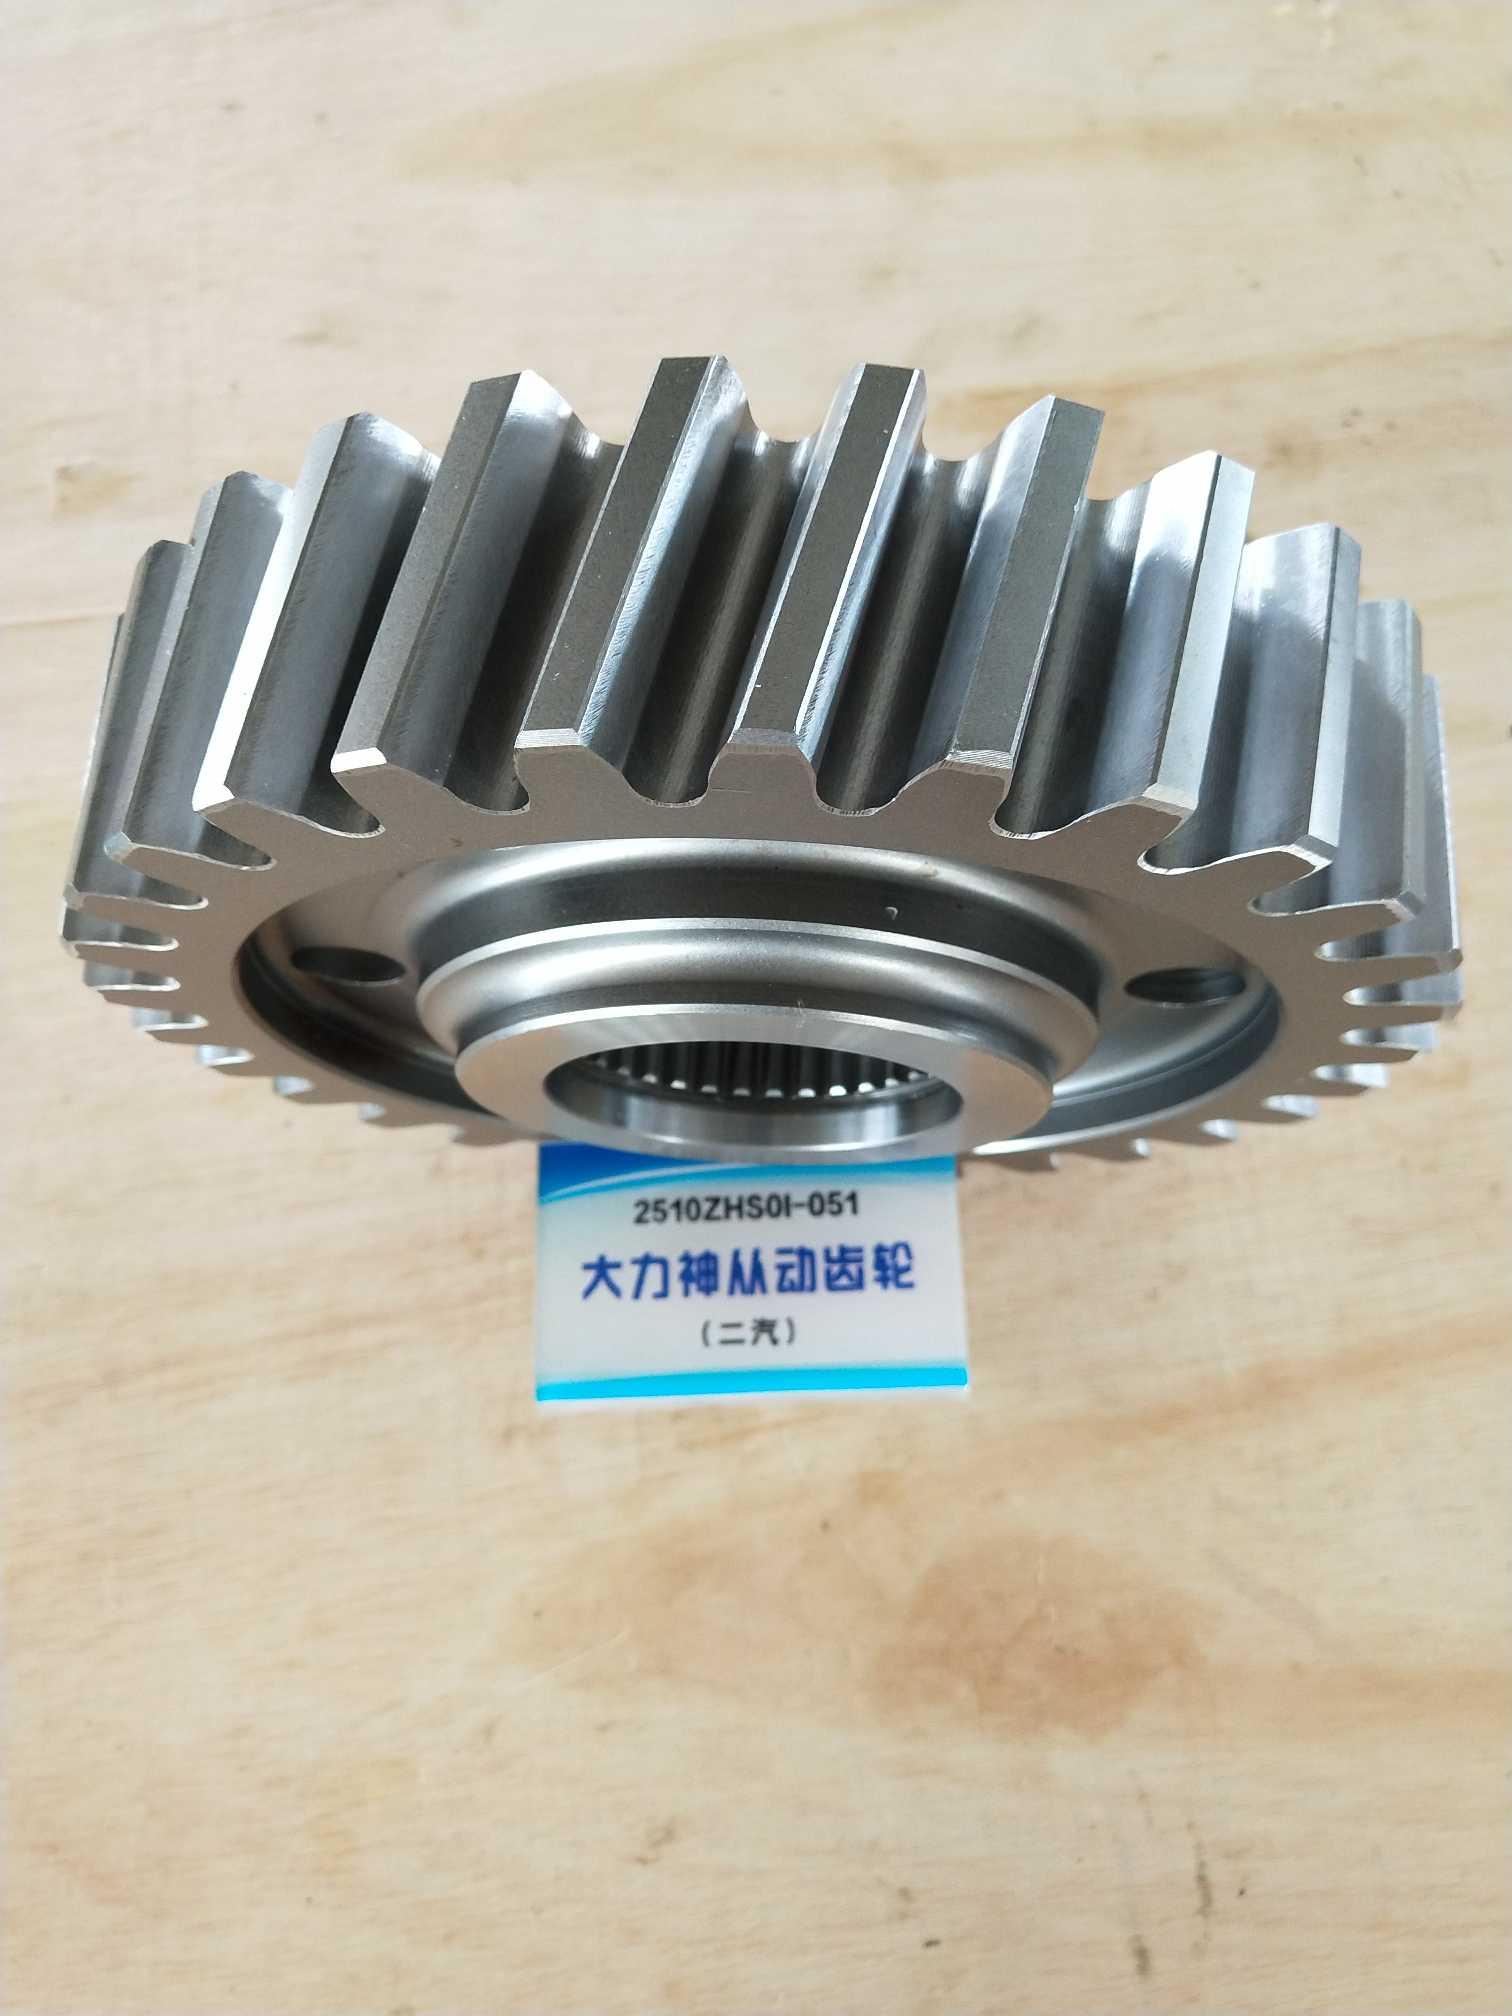 二汽 东风 大力神中桥从动圆柱齿轮 2510ZHS0I-051【专业生产齿轮配套产品部】